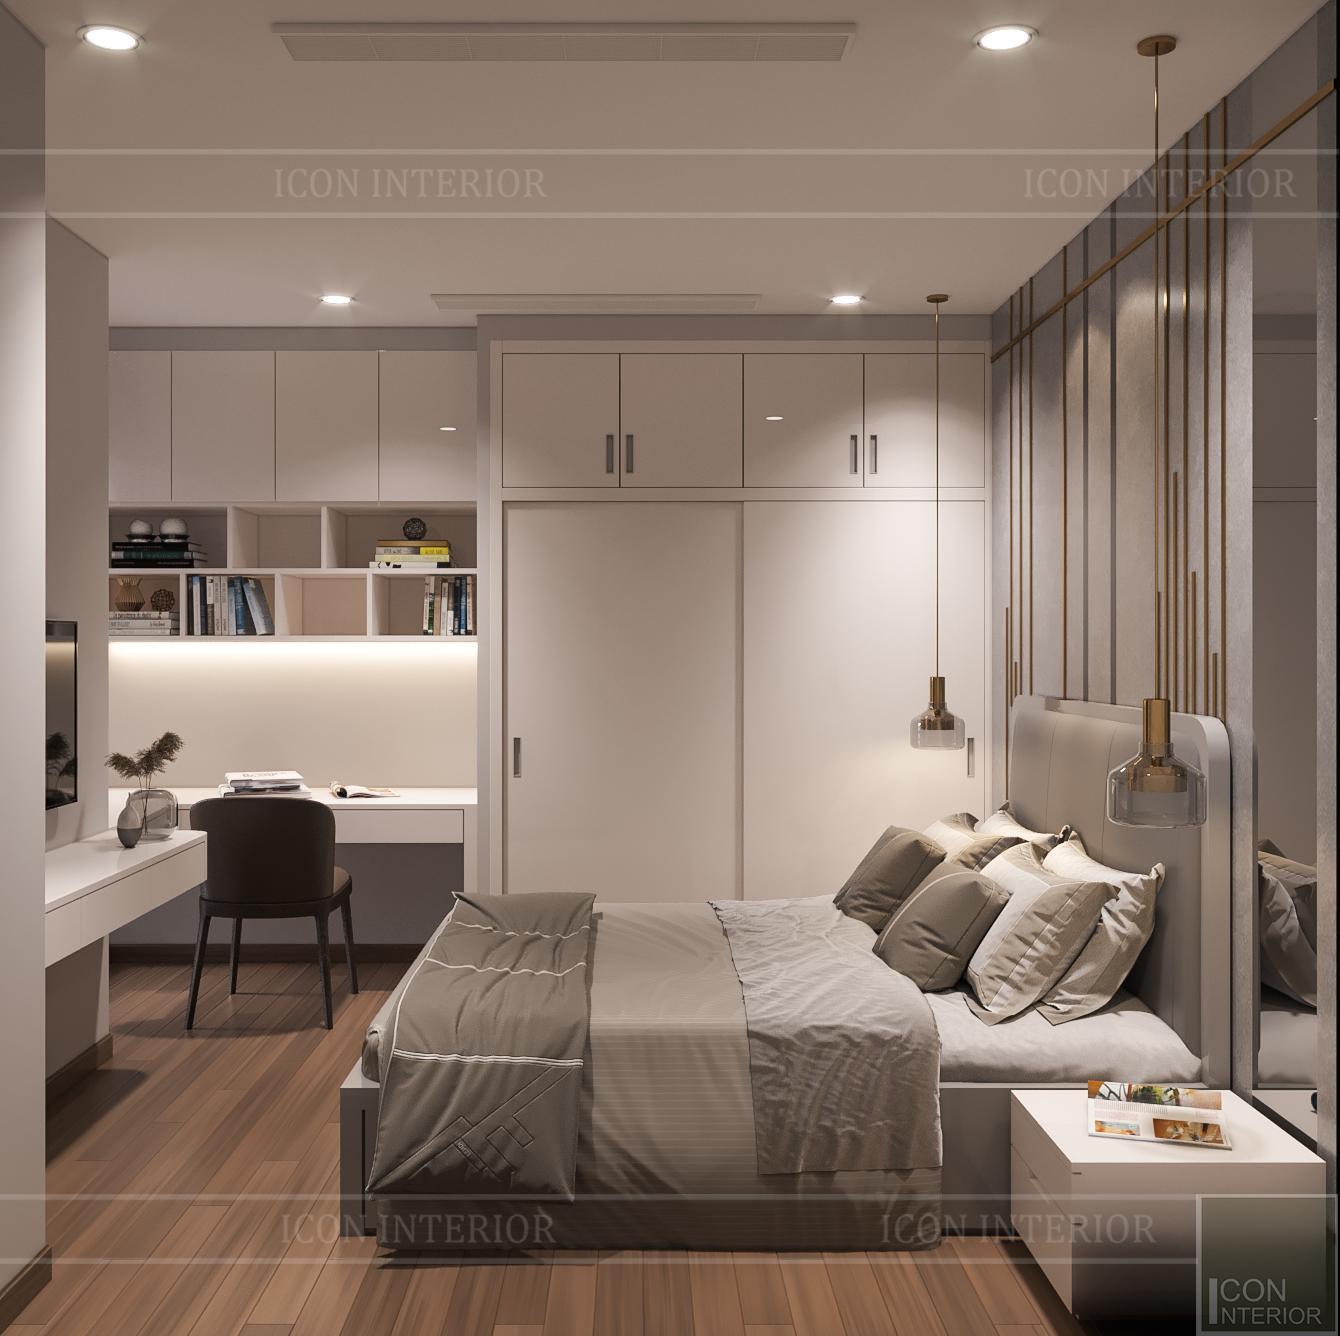 thiết kế căn hộ 3 phòng ngủ hiện đại - phòng ngủ nhỏ 1